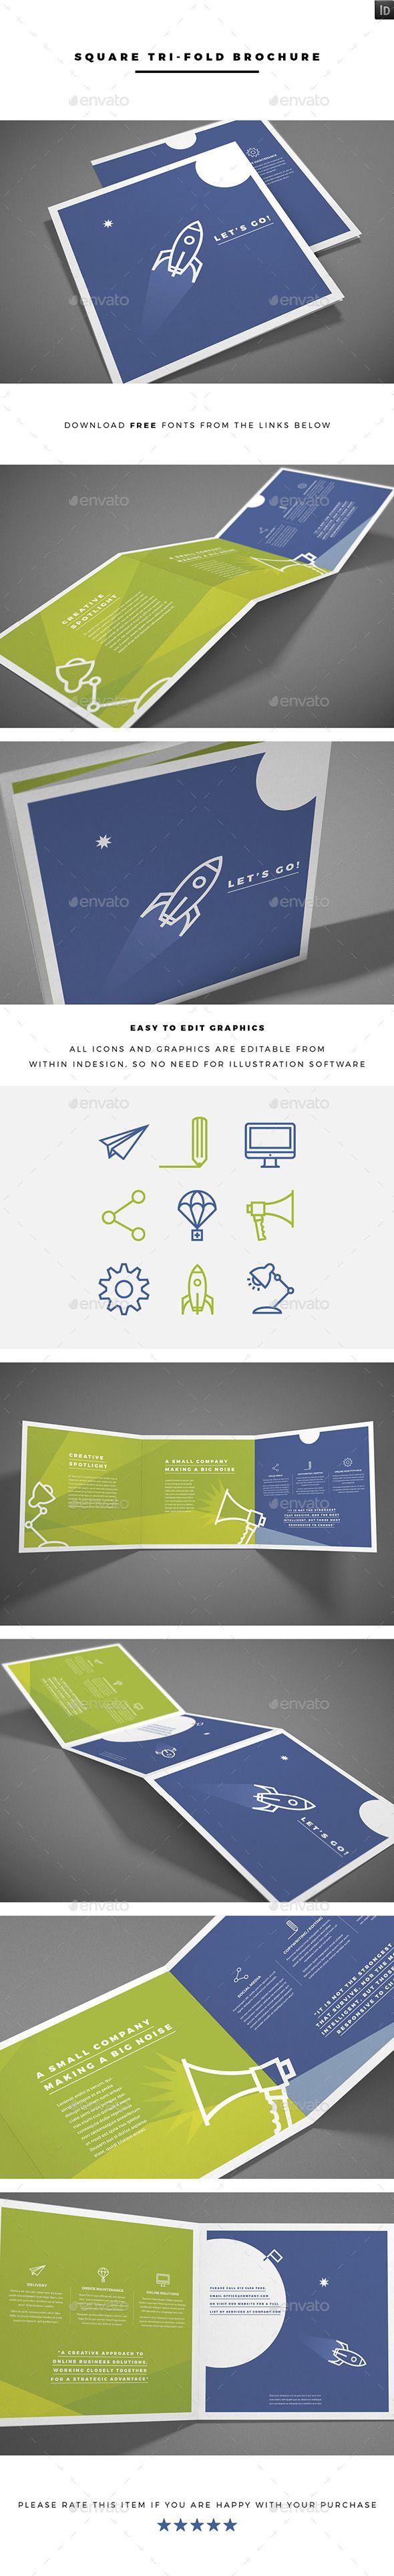 pin von clouds auf fold brochure pinterest brosch ren grafik design und grafiken. Black Bedroom Furniture Sets. Home Design Ideas